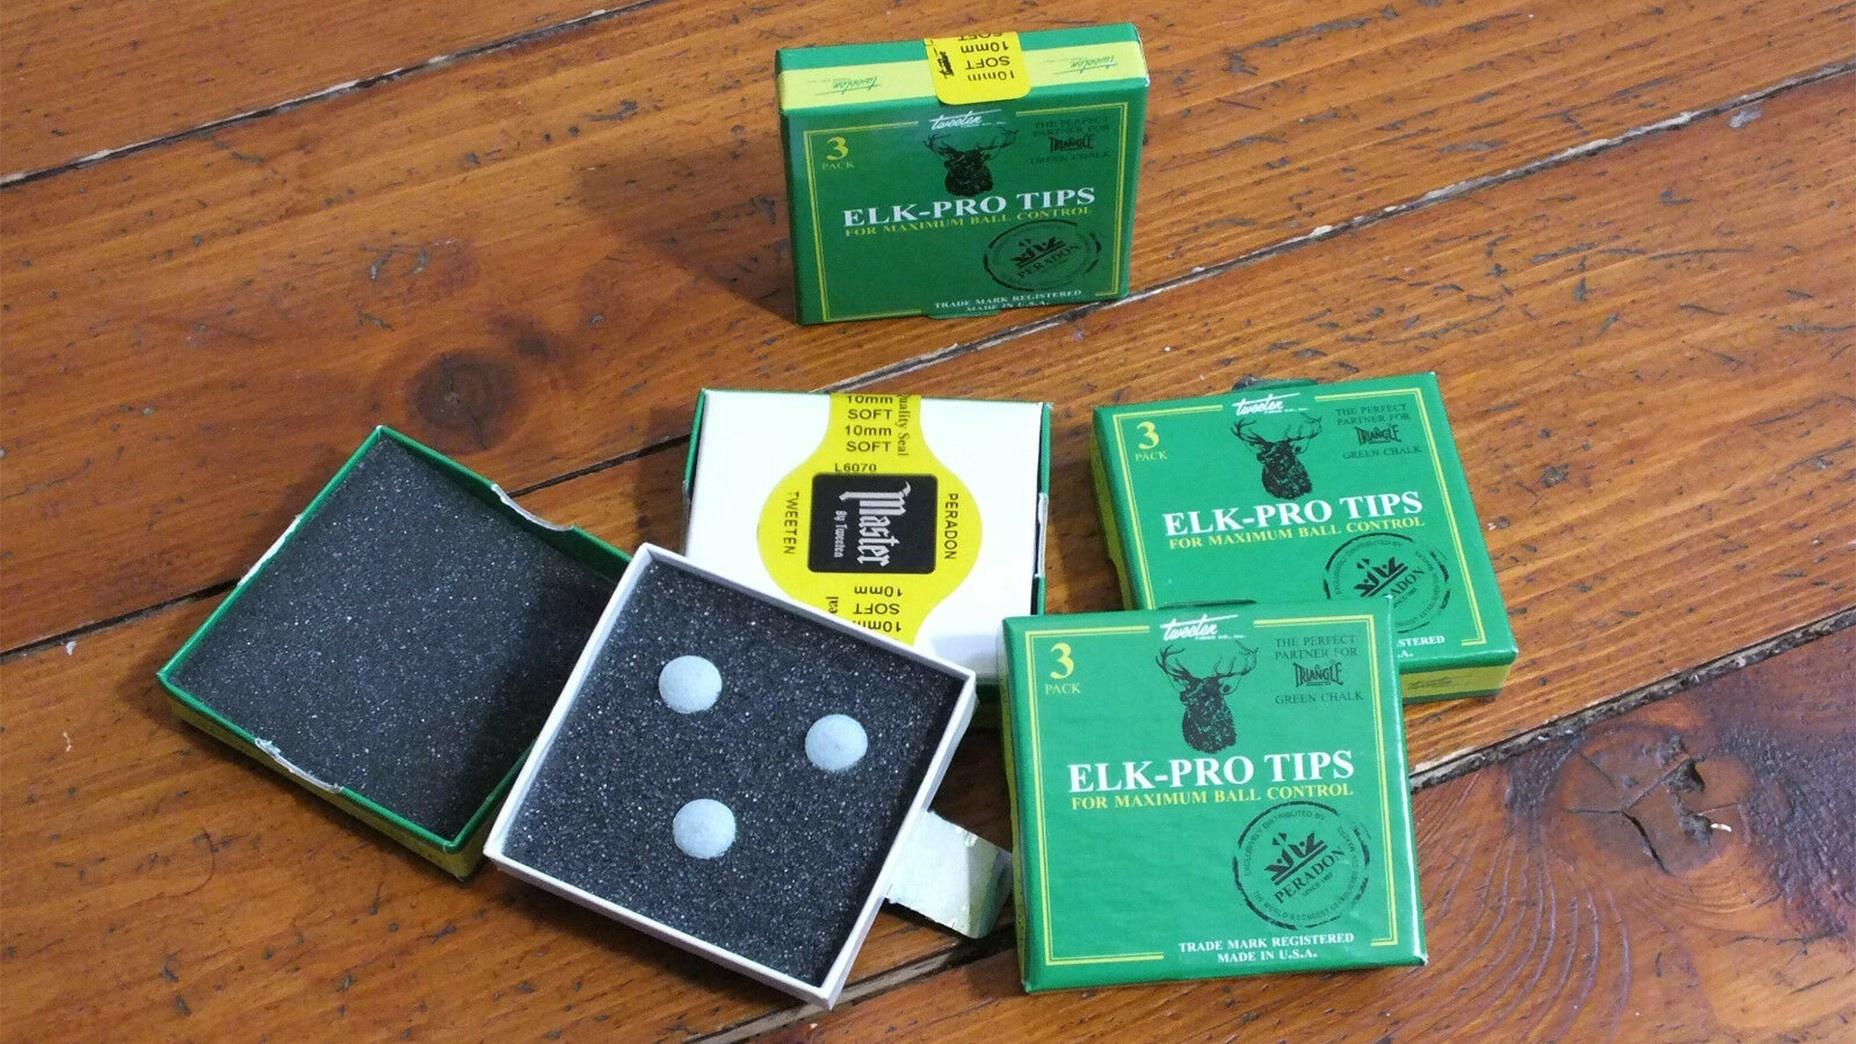 Elk master pro tips / Professional Elks